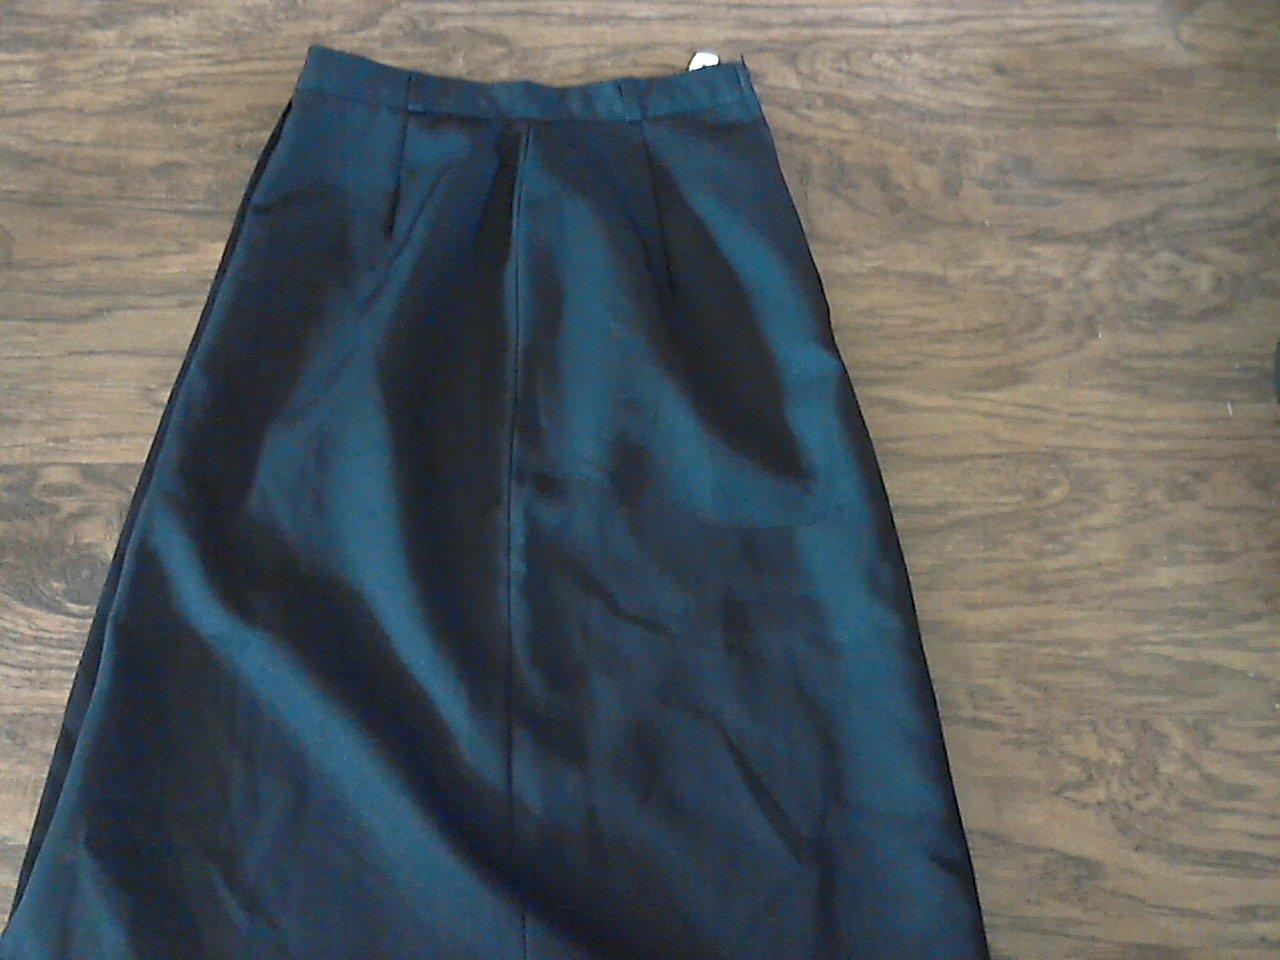 Pan-Her girl's black waistband skirt size 5/6